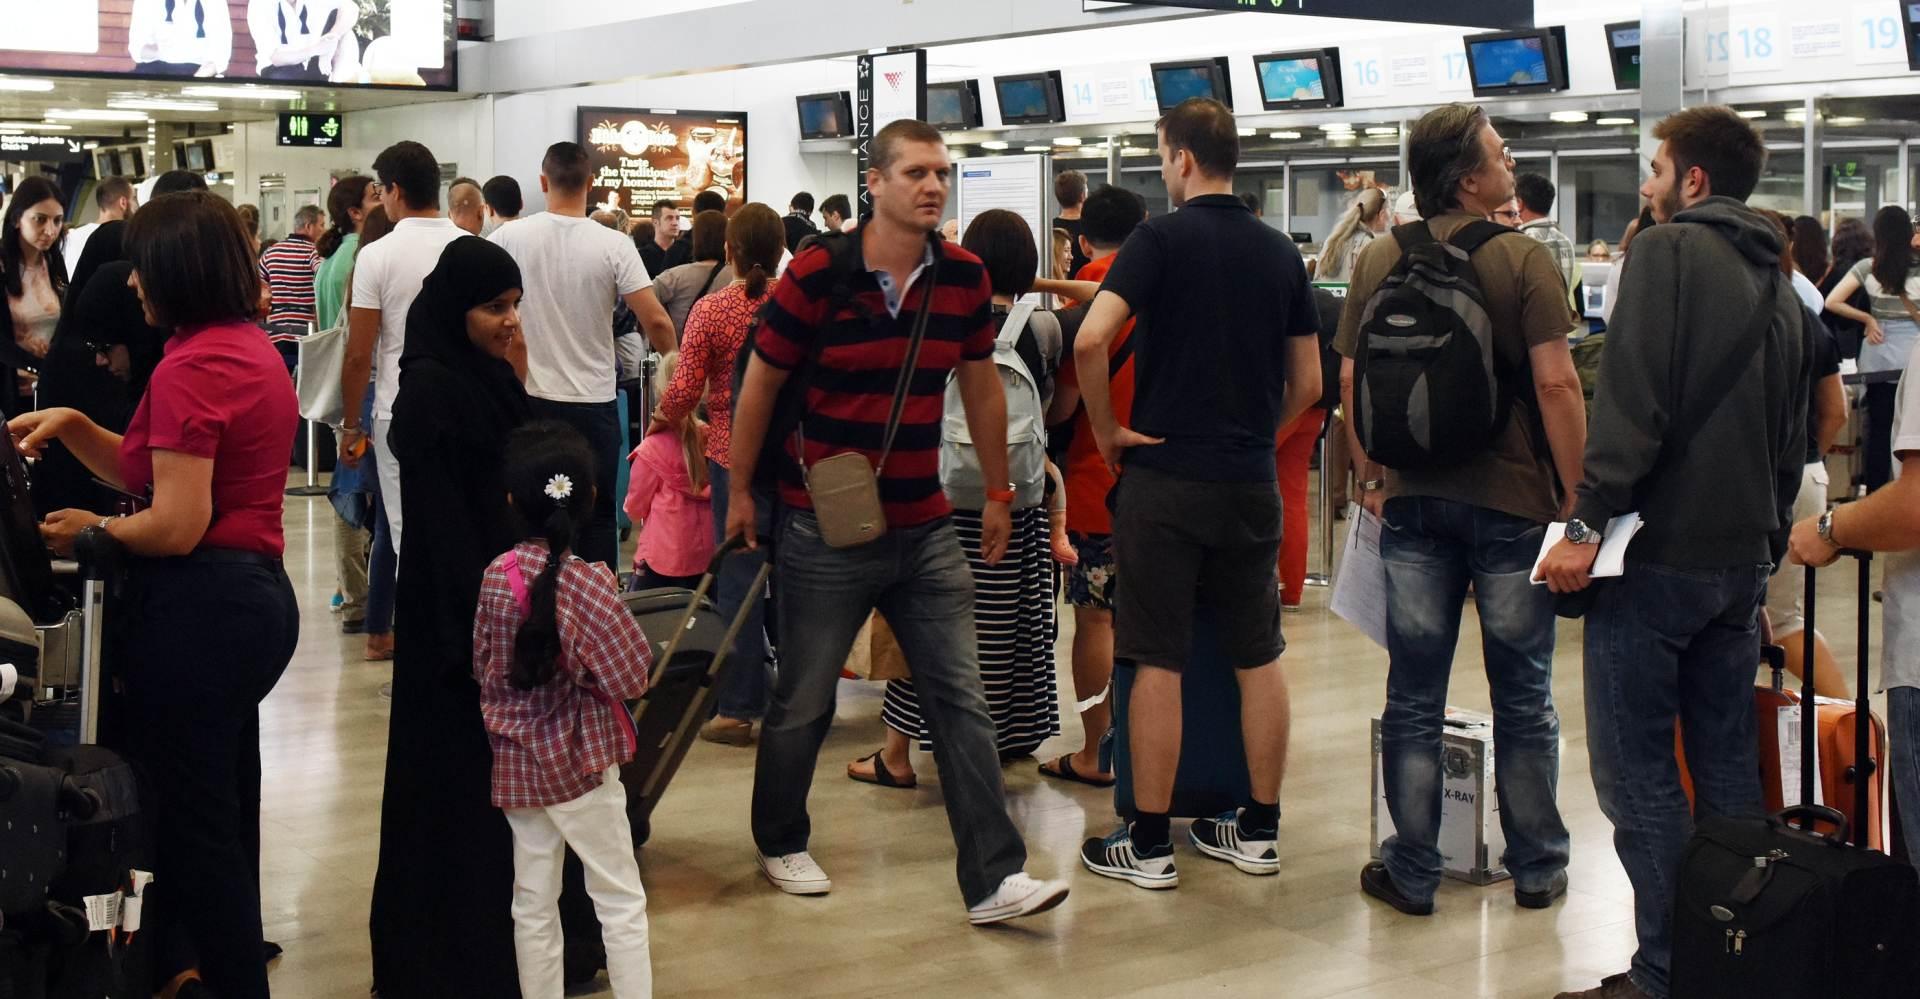 VELIKI RAST: U zračnim lukama u šest mjeseci oko 177 tisuća putnika više